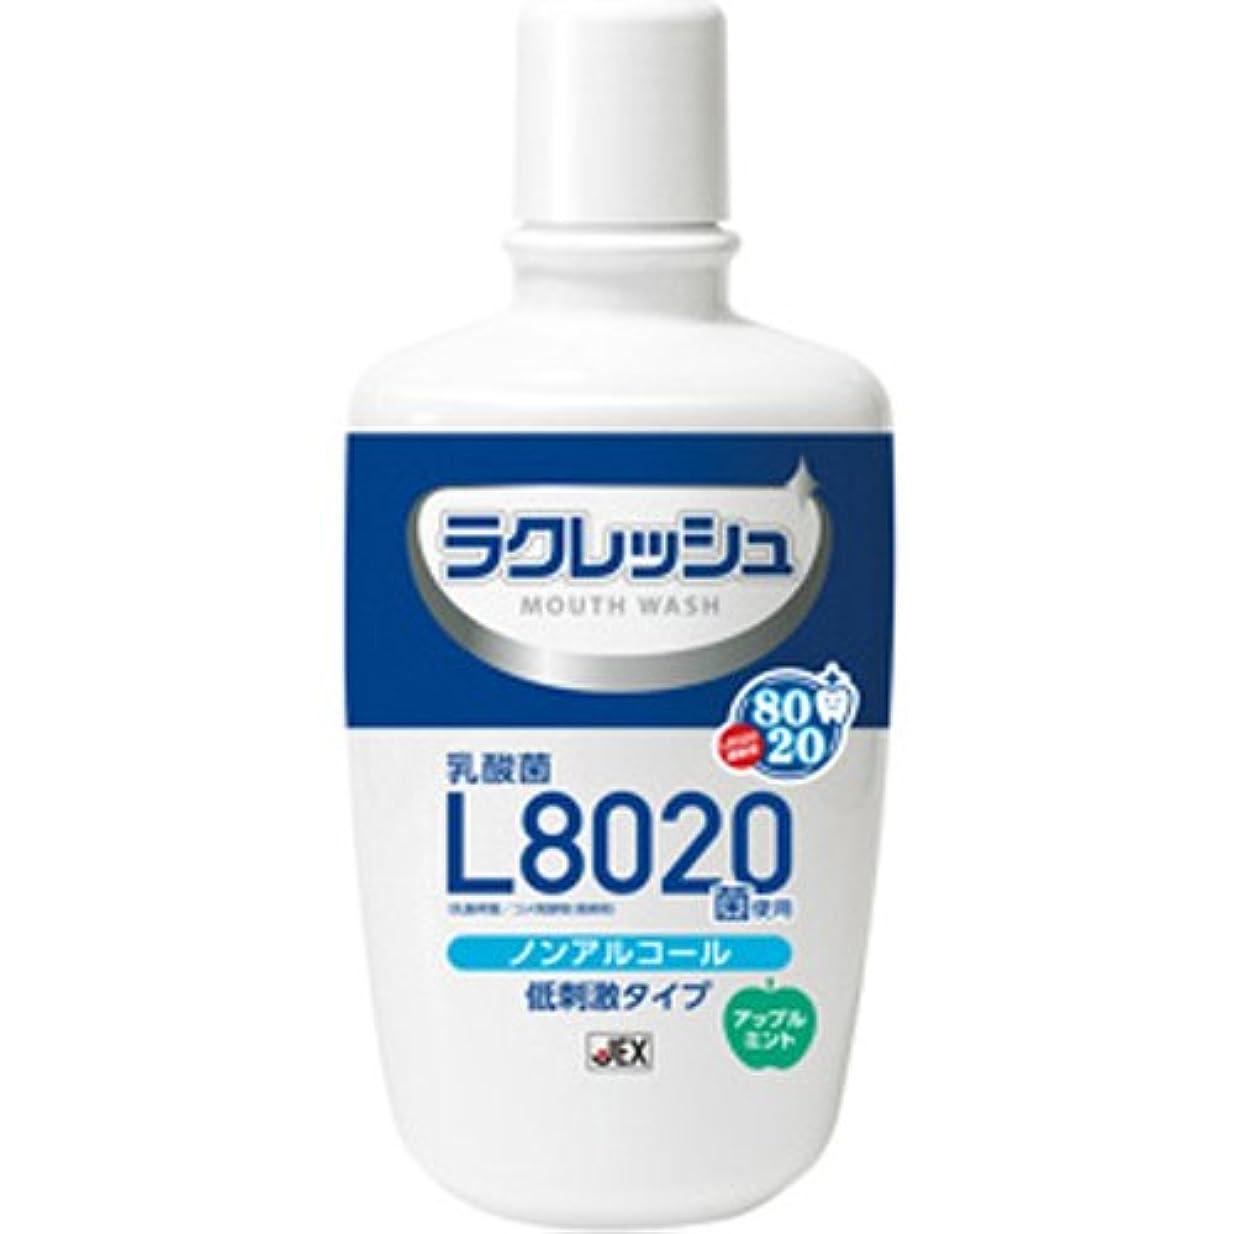 領収書隣人協力するラクレッシュ L8020菌入 マウスウォッシュ × 5個セット